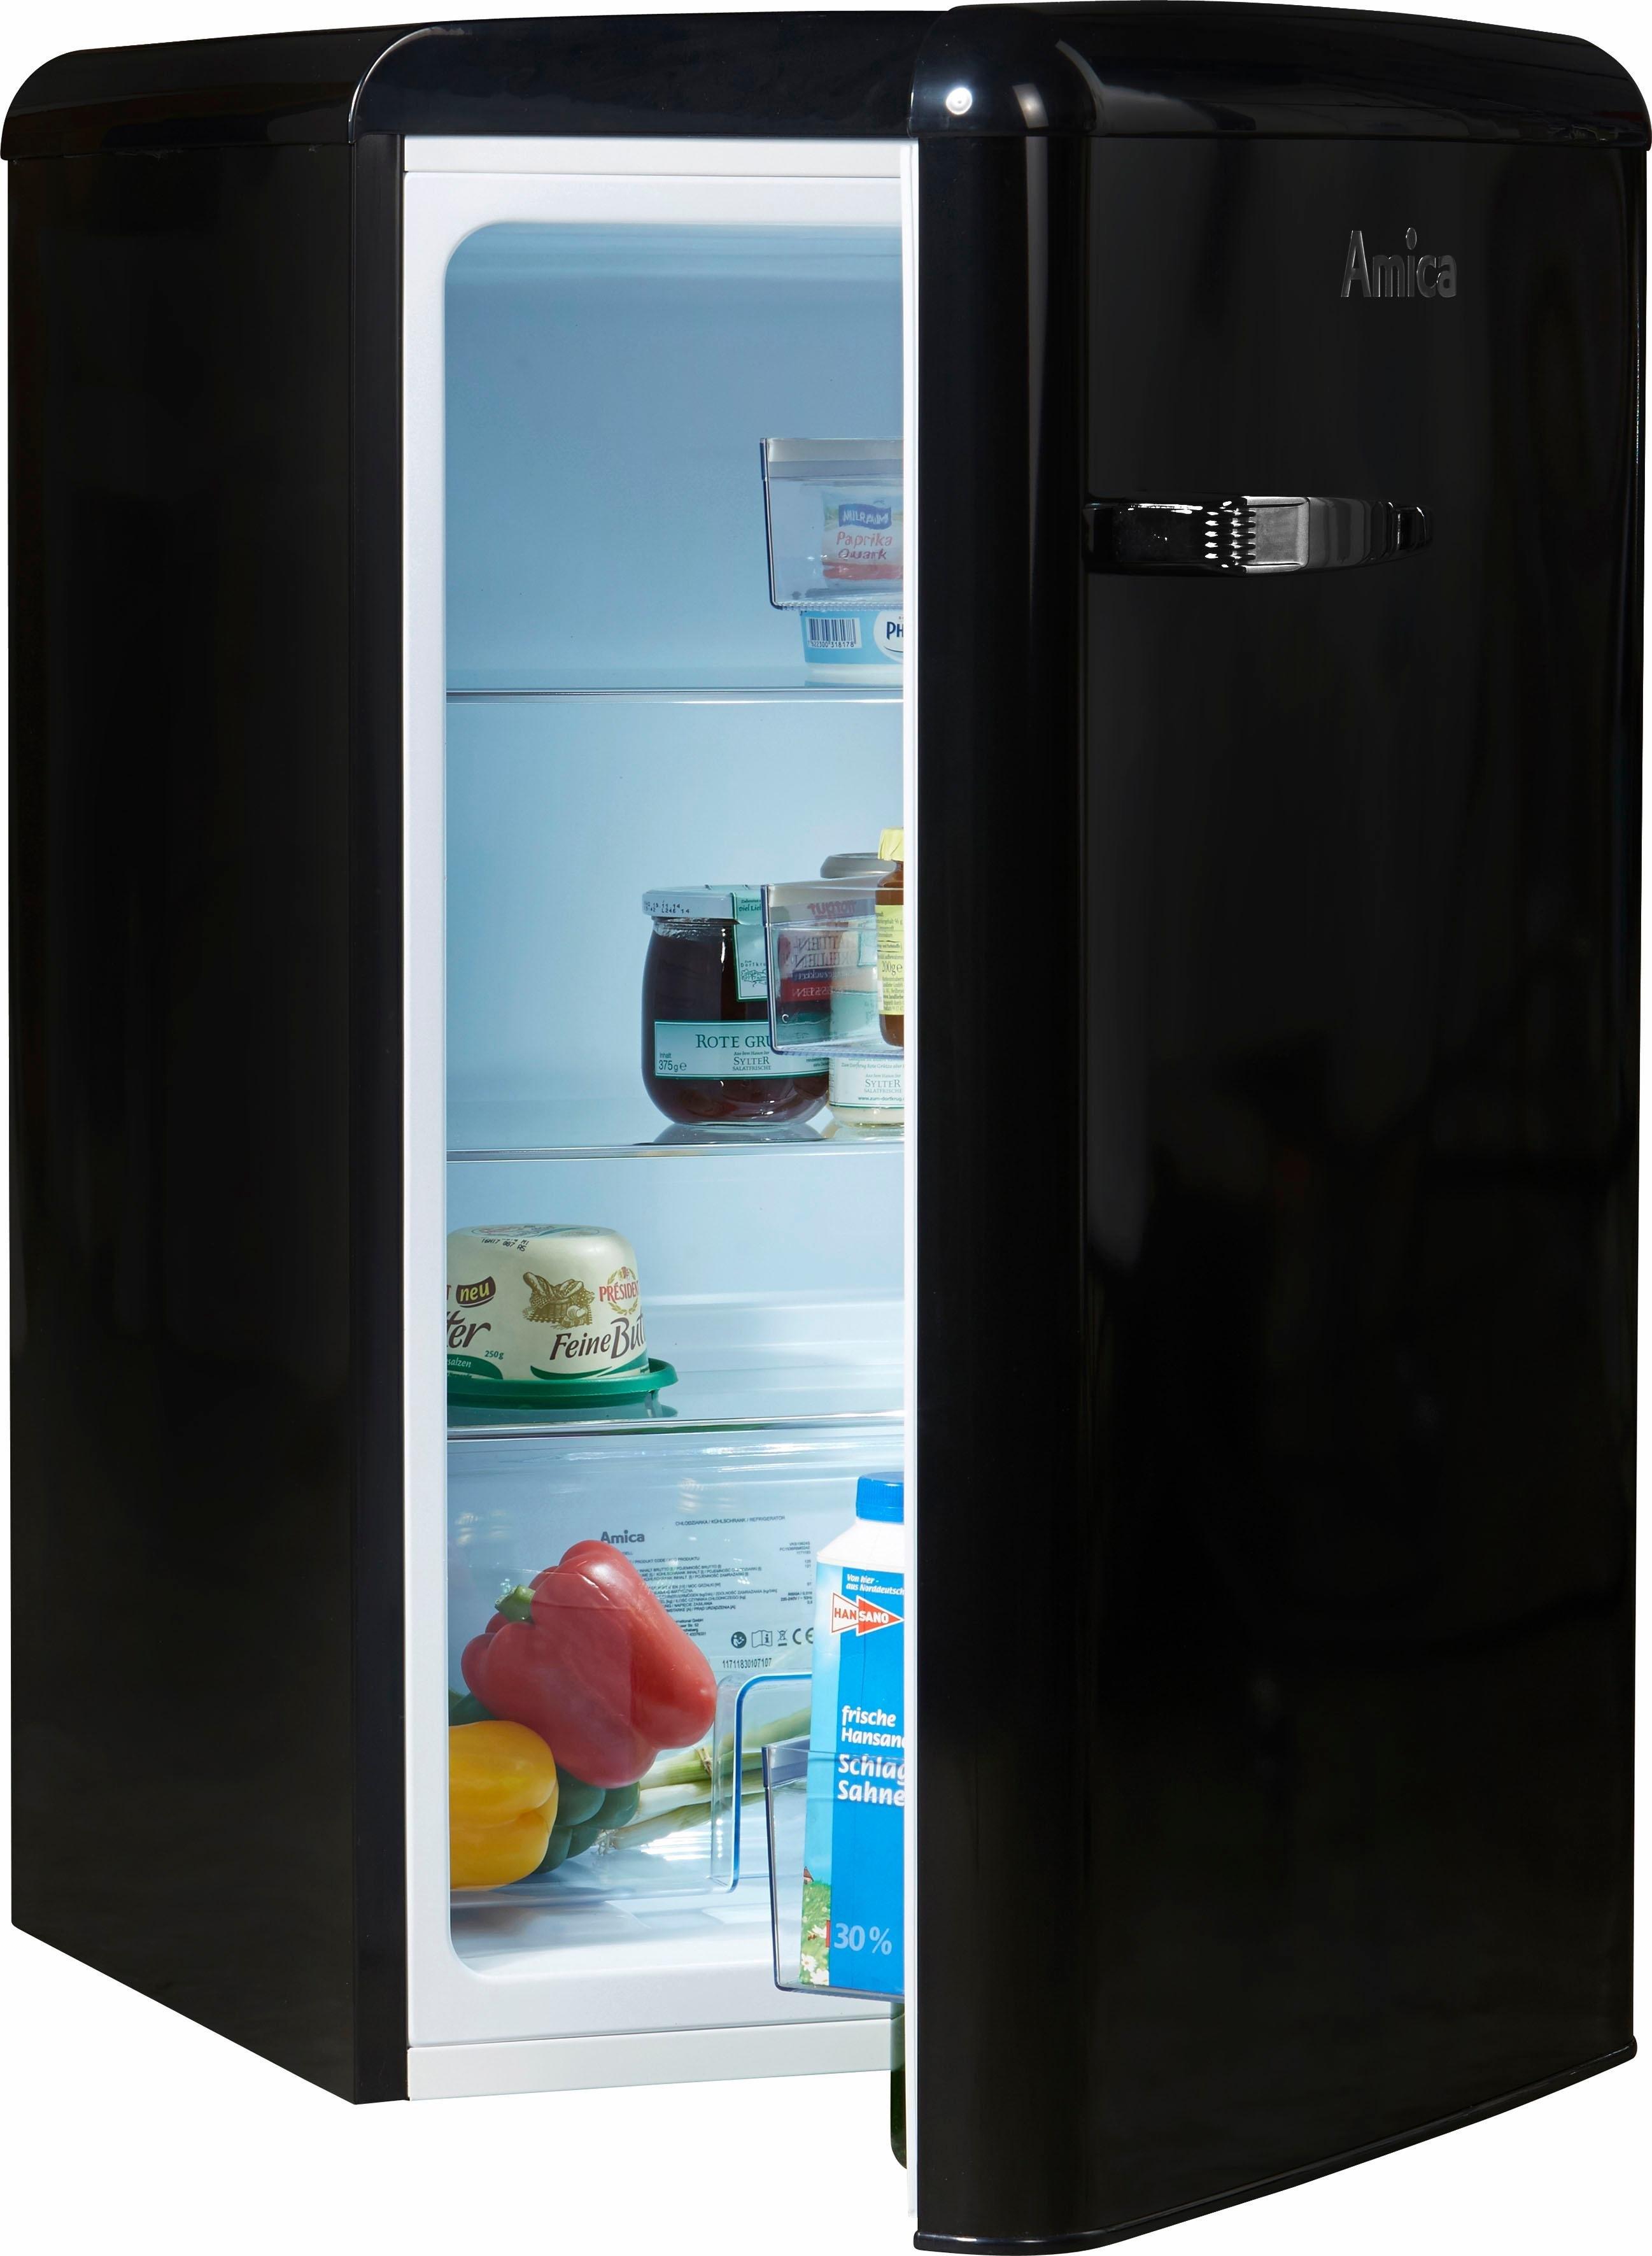 Amica koelkast VKS 15624 S, A++, 86 cm hoog bij OTTO online kopen